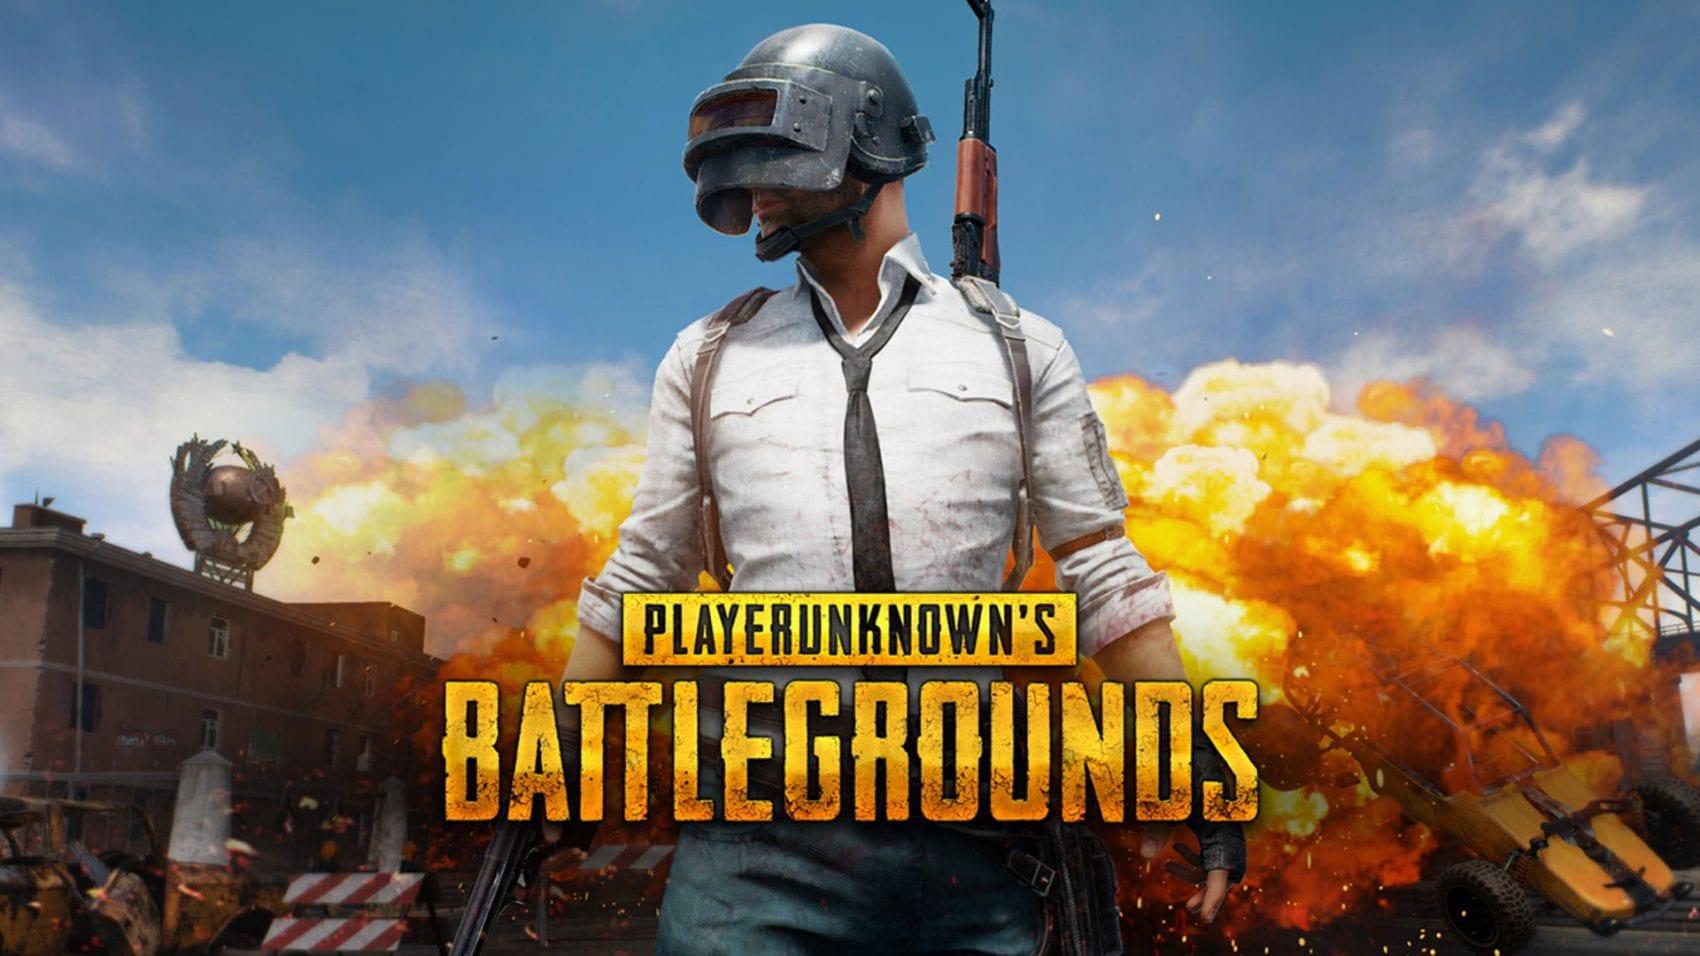 NEWS – Playerunknown's Battlegrounds